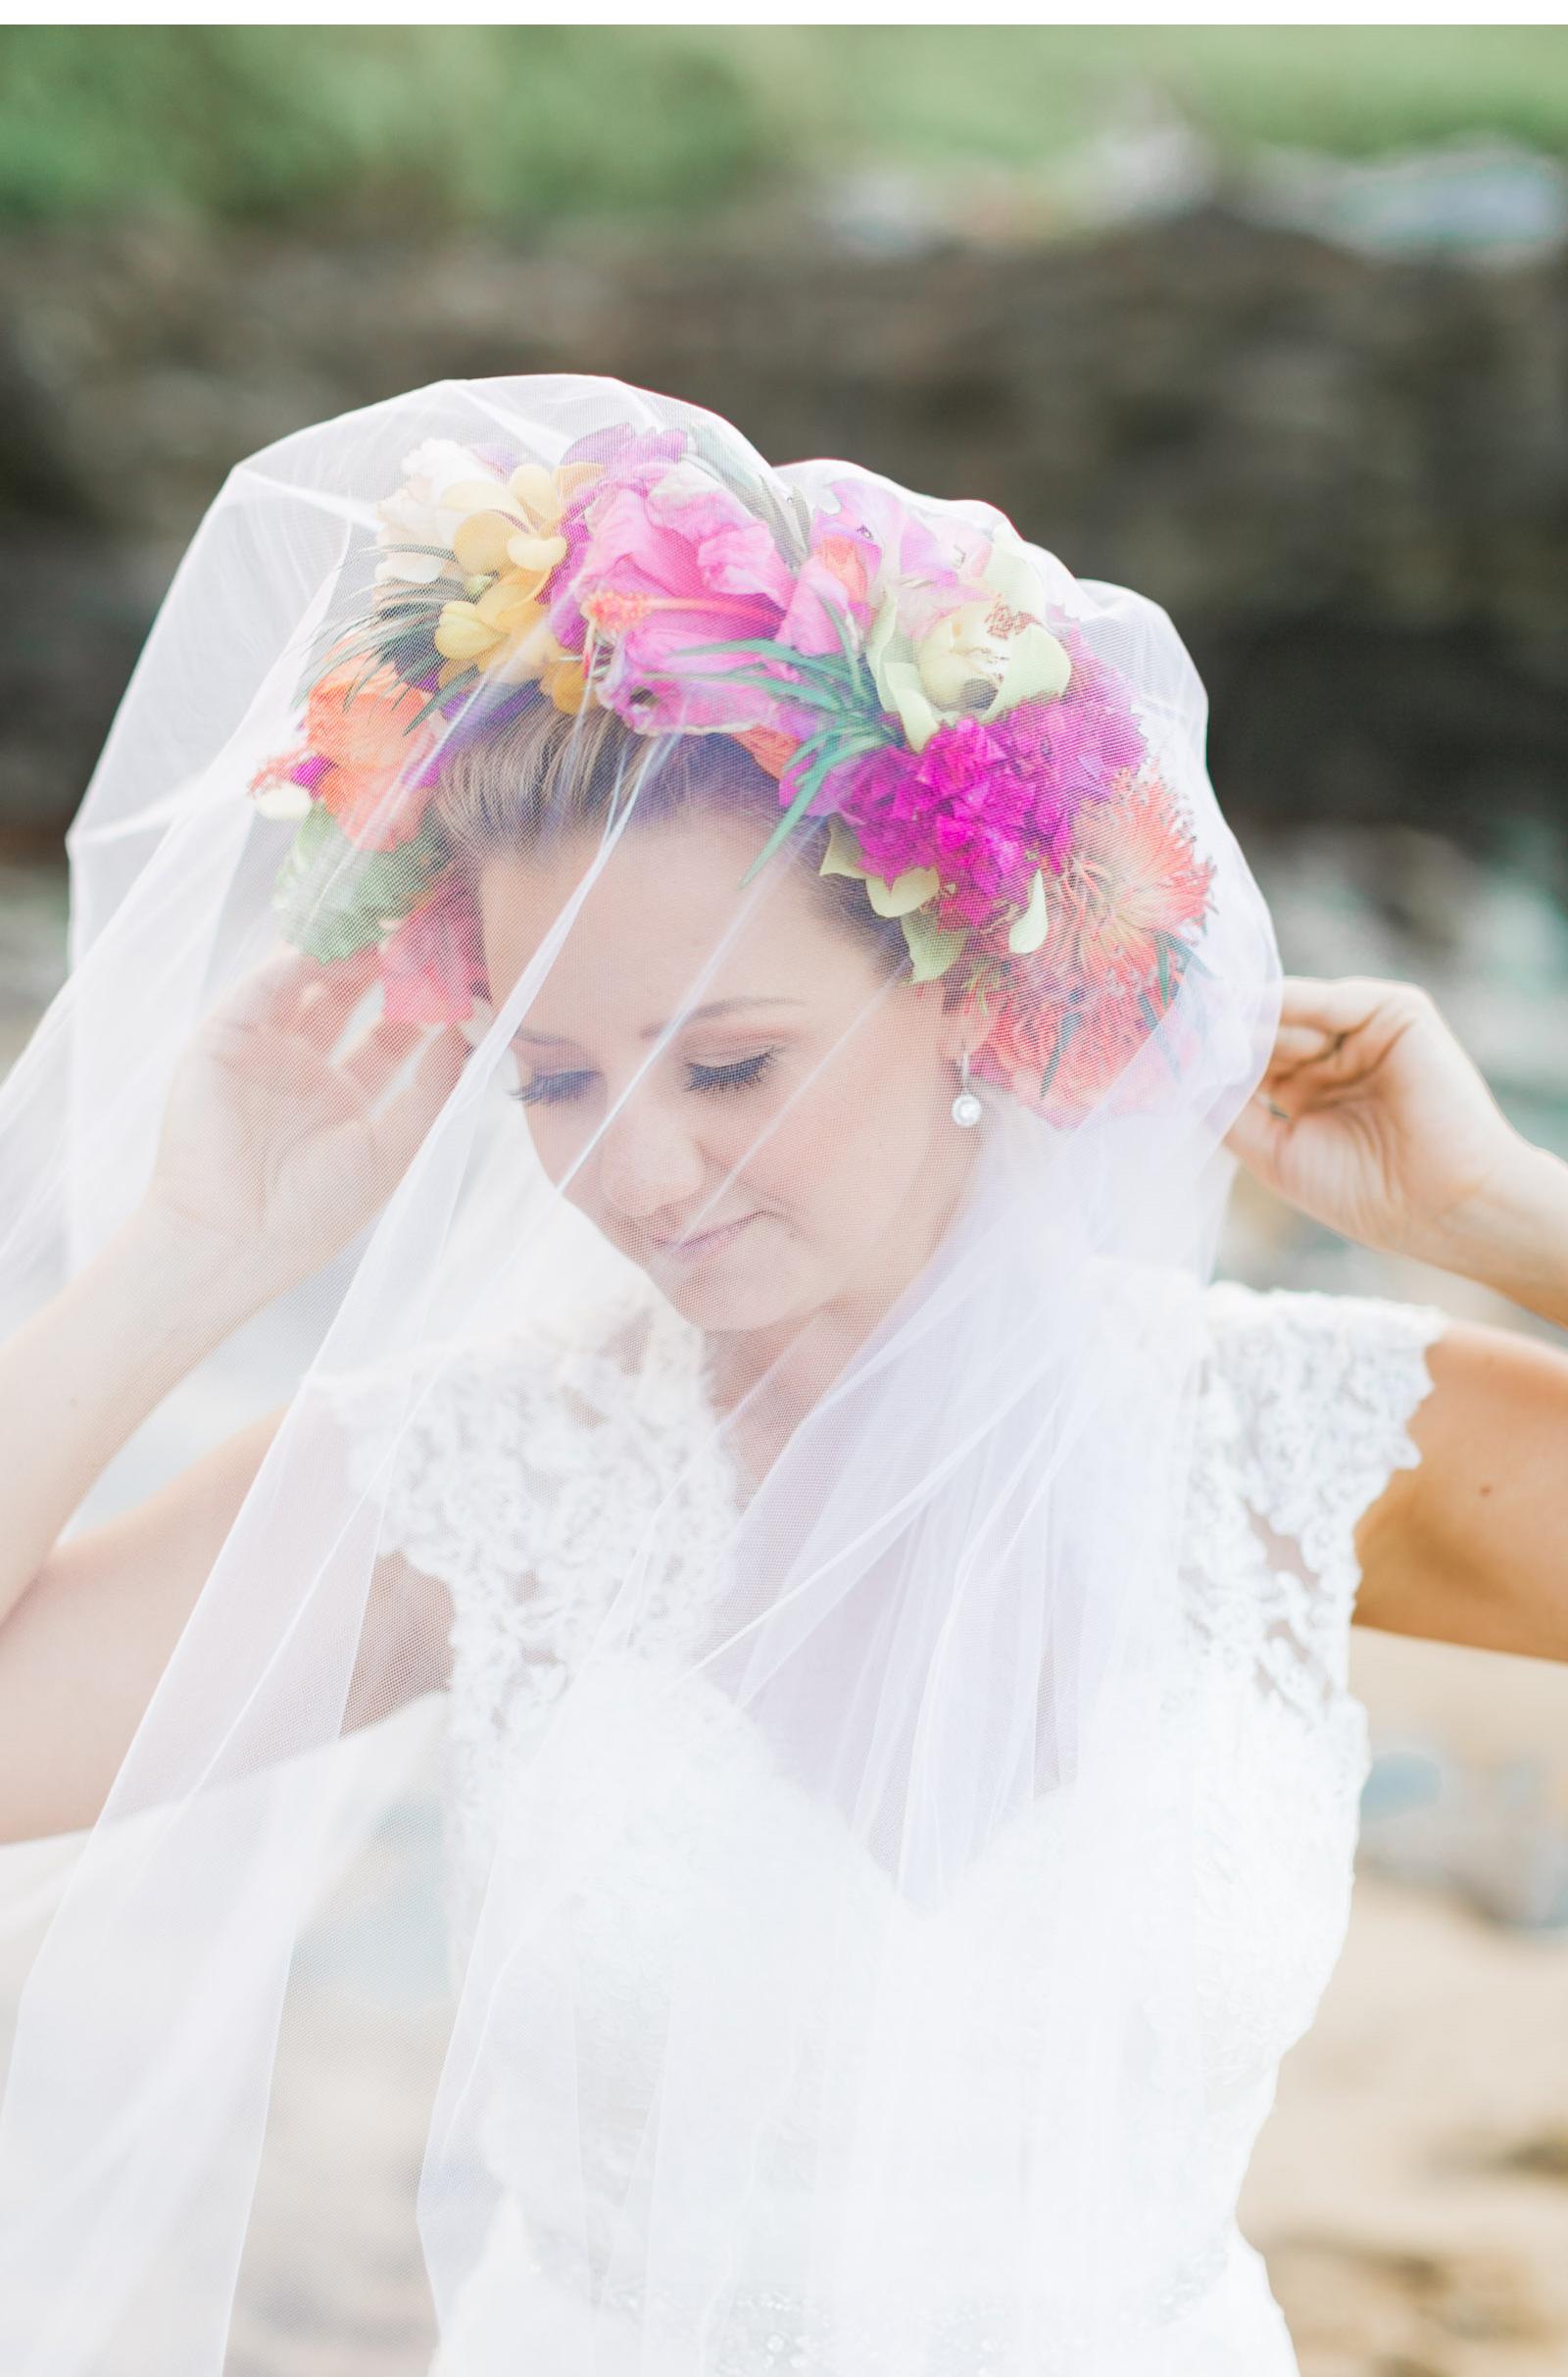 Natalie-Schutt-Photography-Maui-Wedding_04.jpg